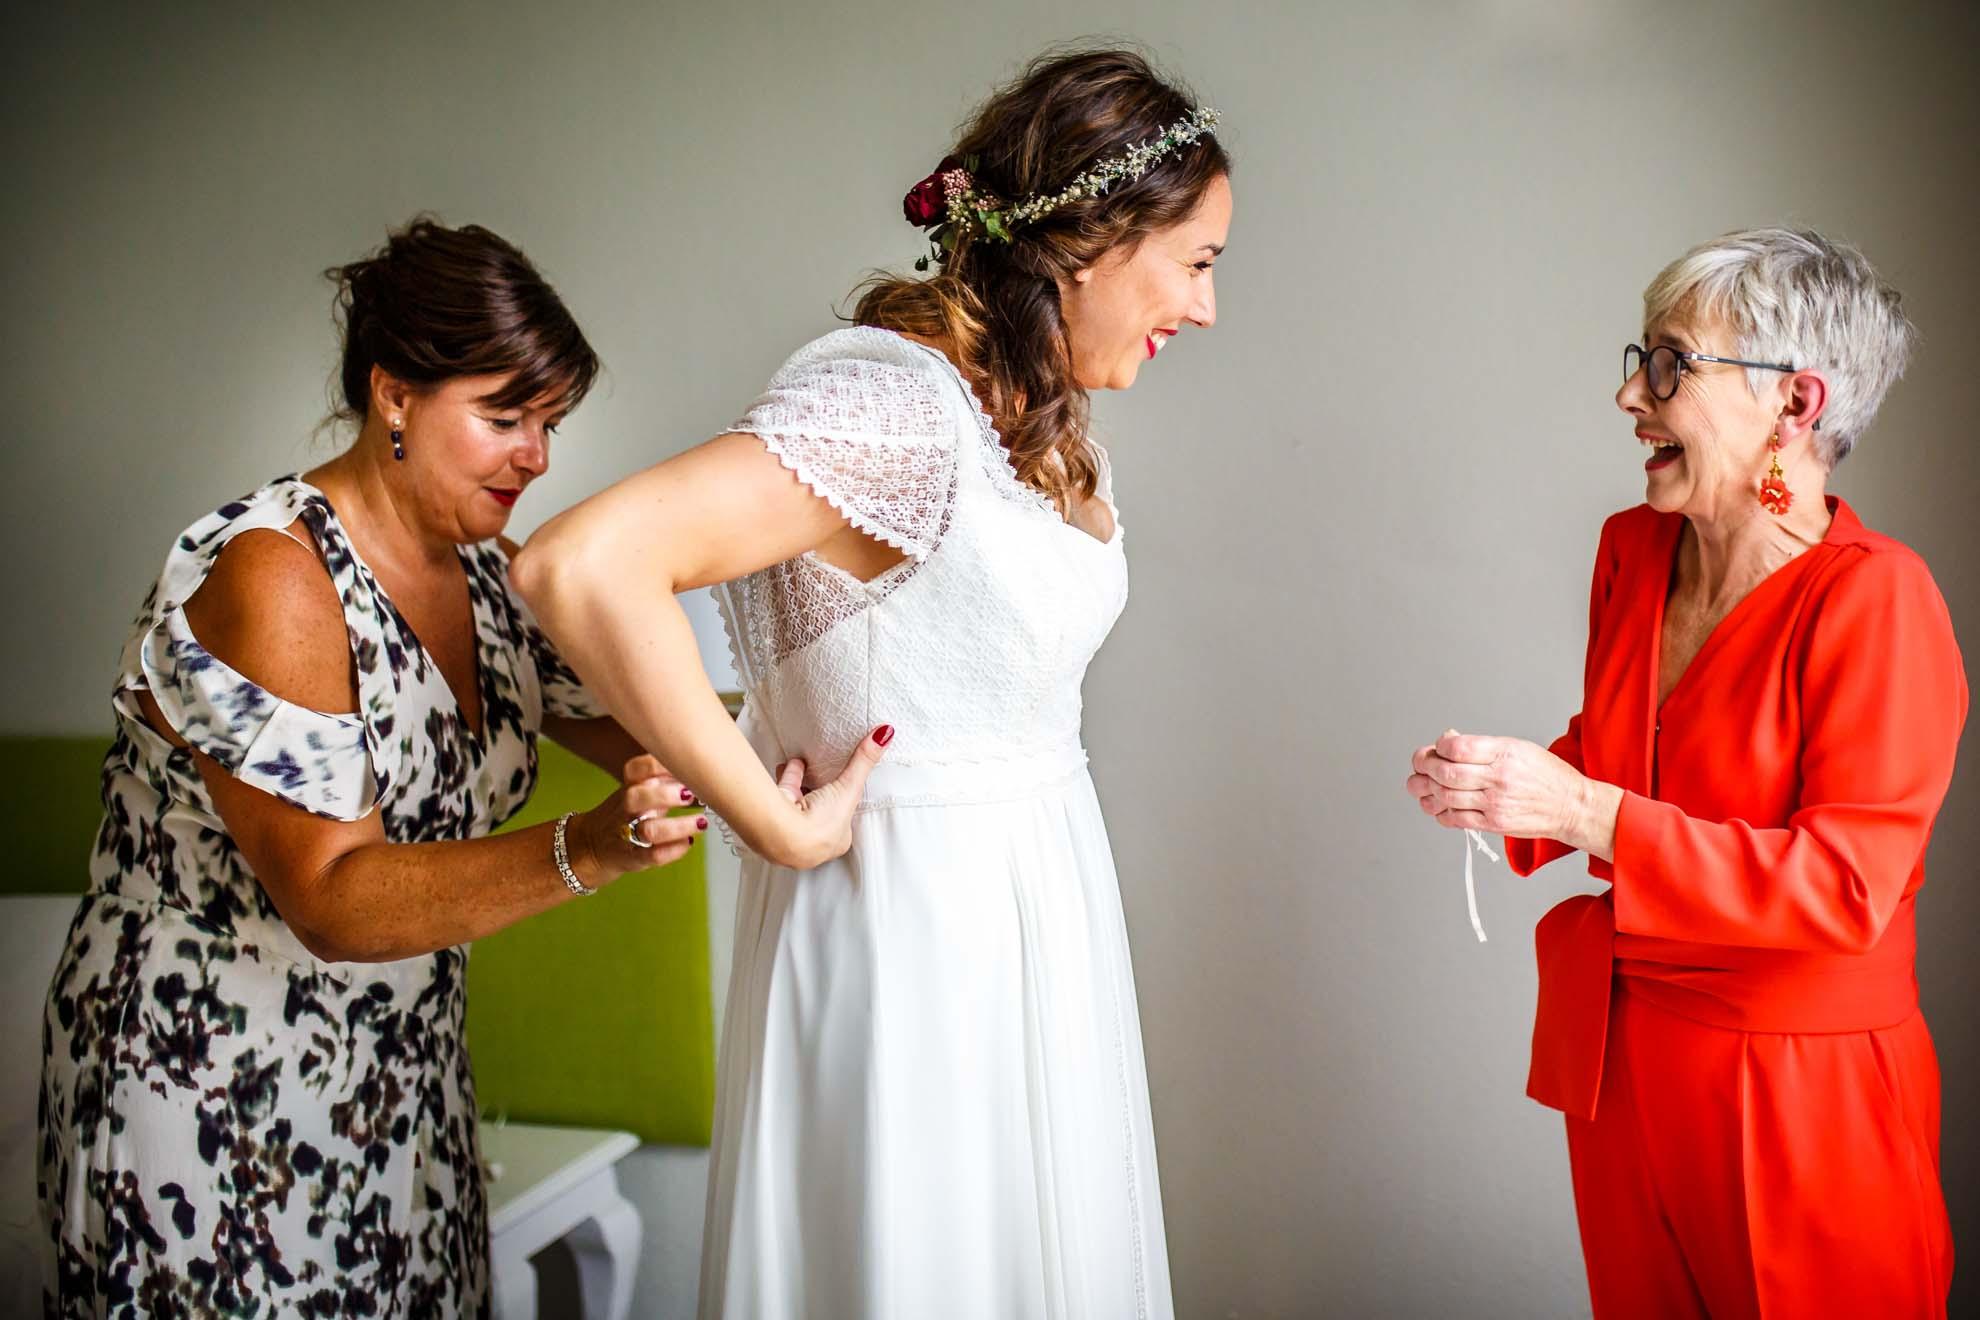 tia le abrocha el vestido mientras la novia se rie con su madre